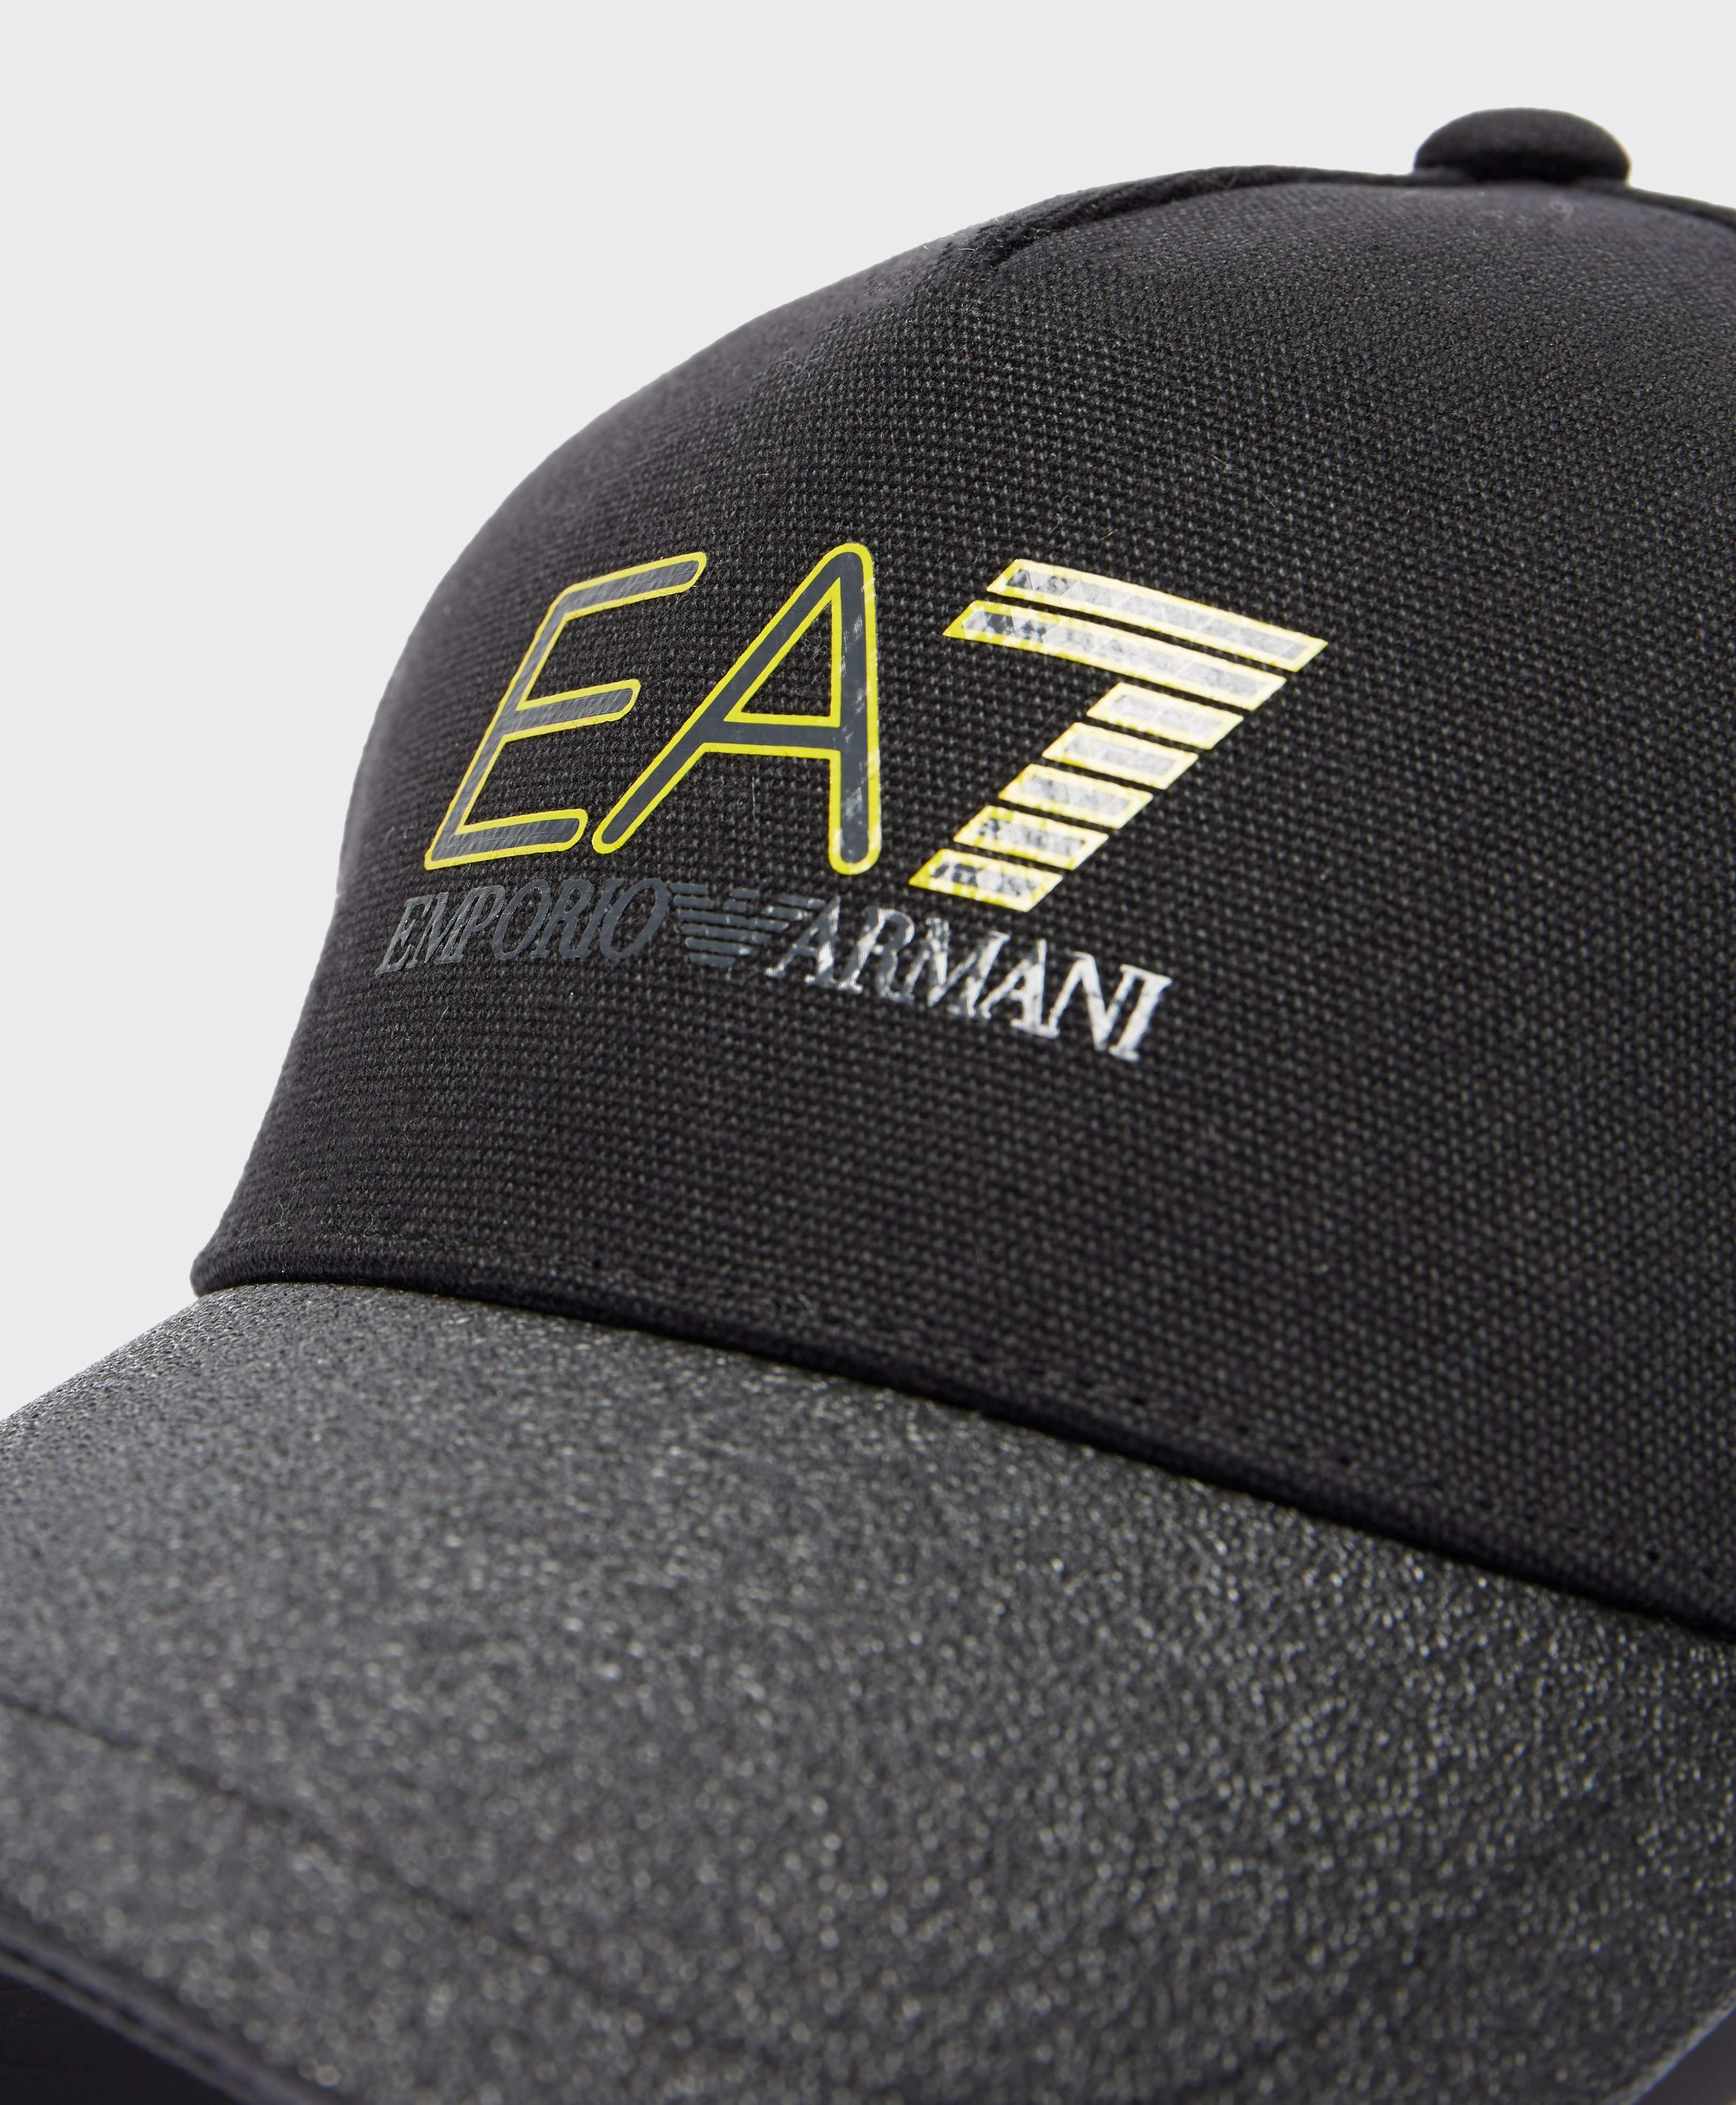 Emporio Armani EA7 Train City Explorer Cap - Online Exclusive